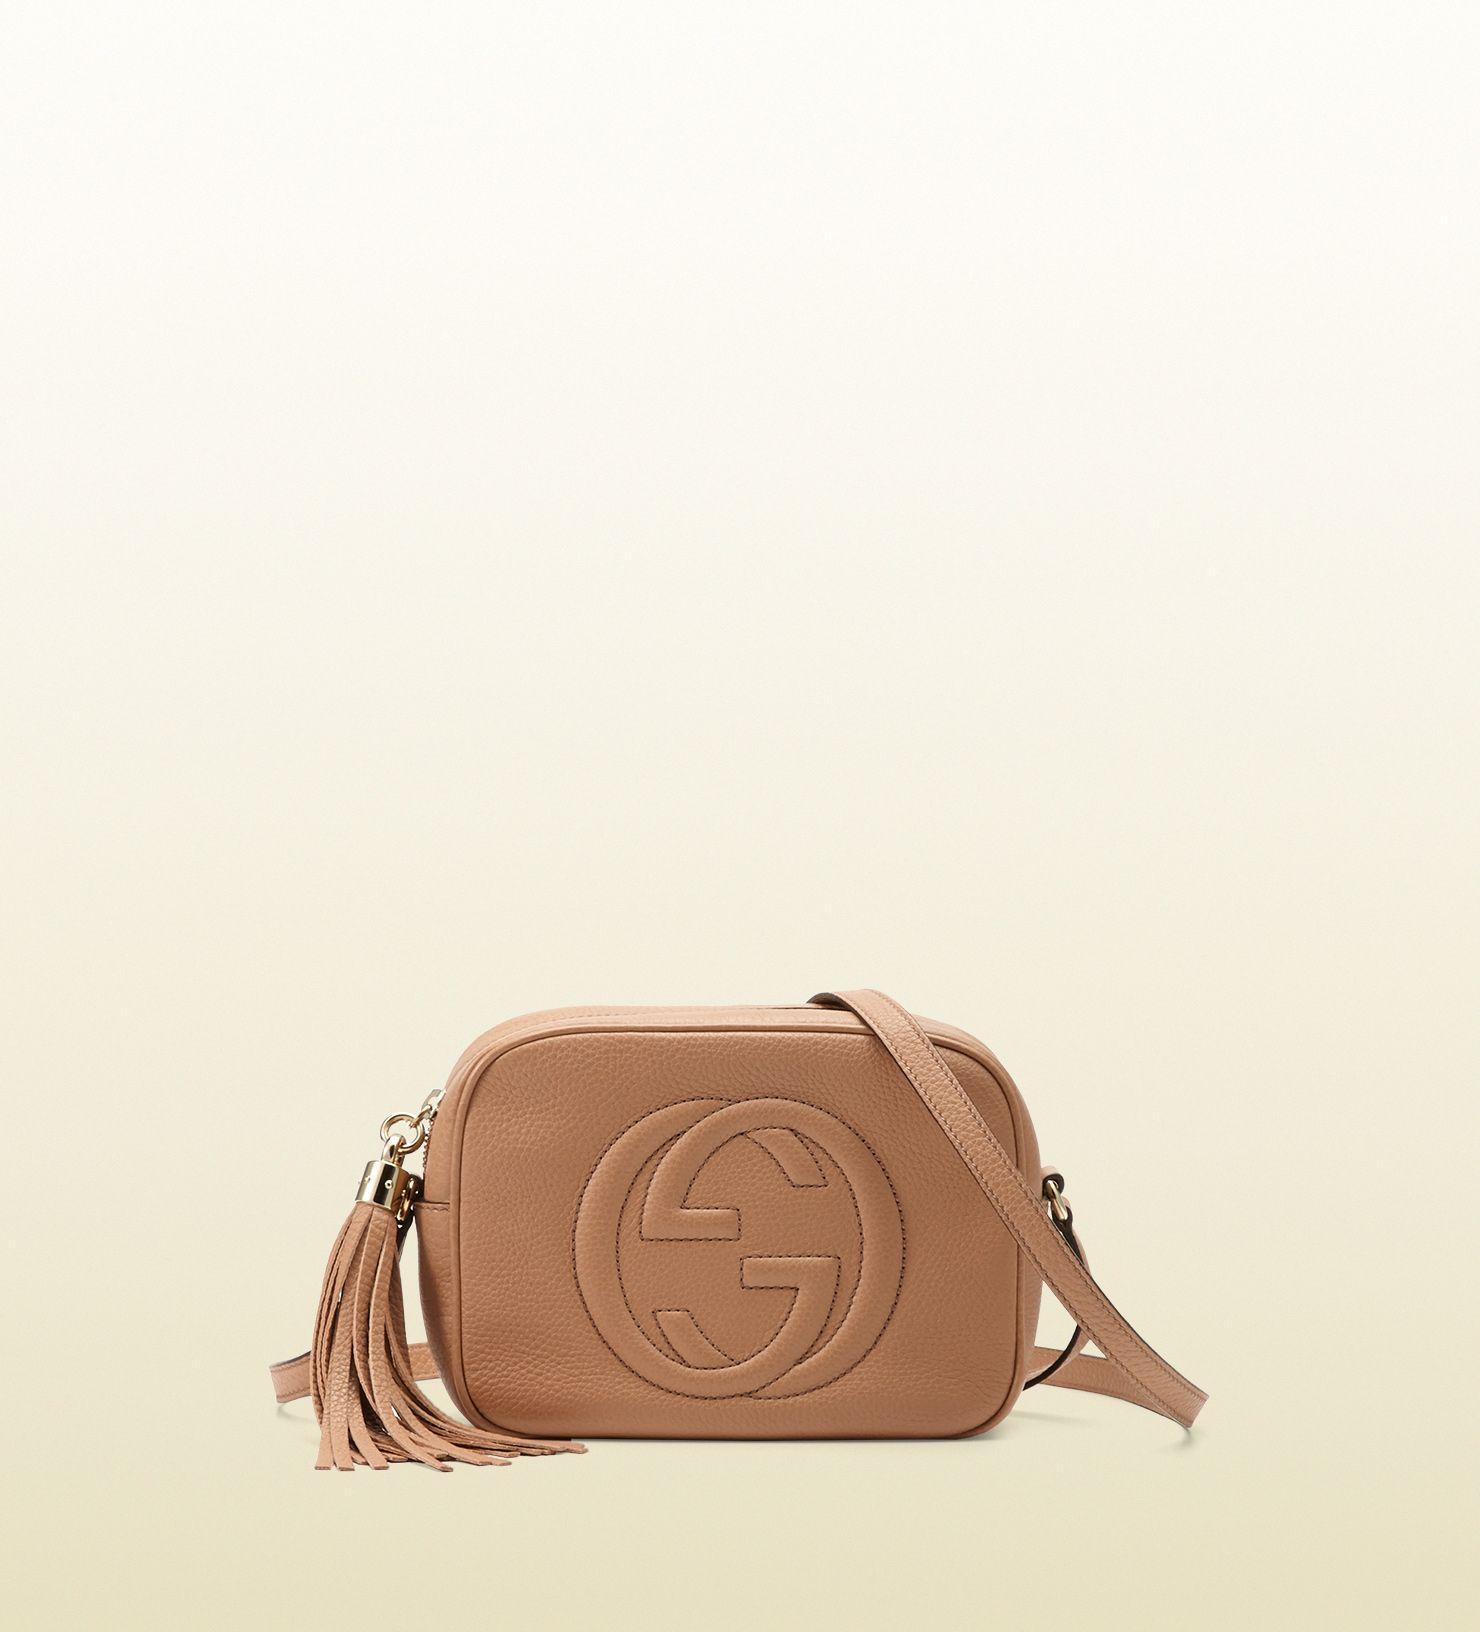 3e32855b025d Voir les Disco bag Soho petite taille en cuir Gucci. Sac à épaule compact,  agrémenté d une tirette pampille en cuir. D une taille idéale pour  accueillir vos ...